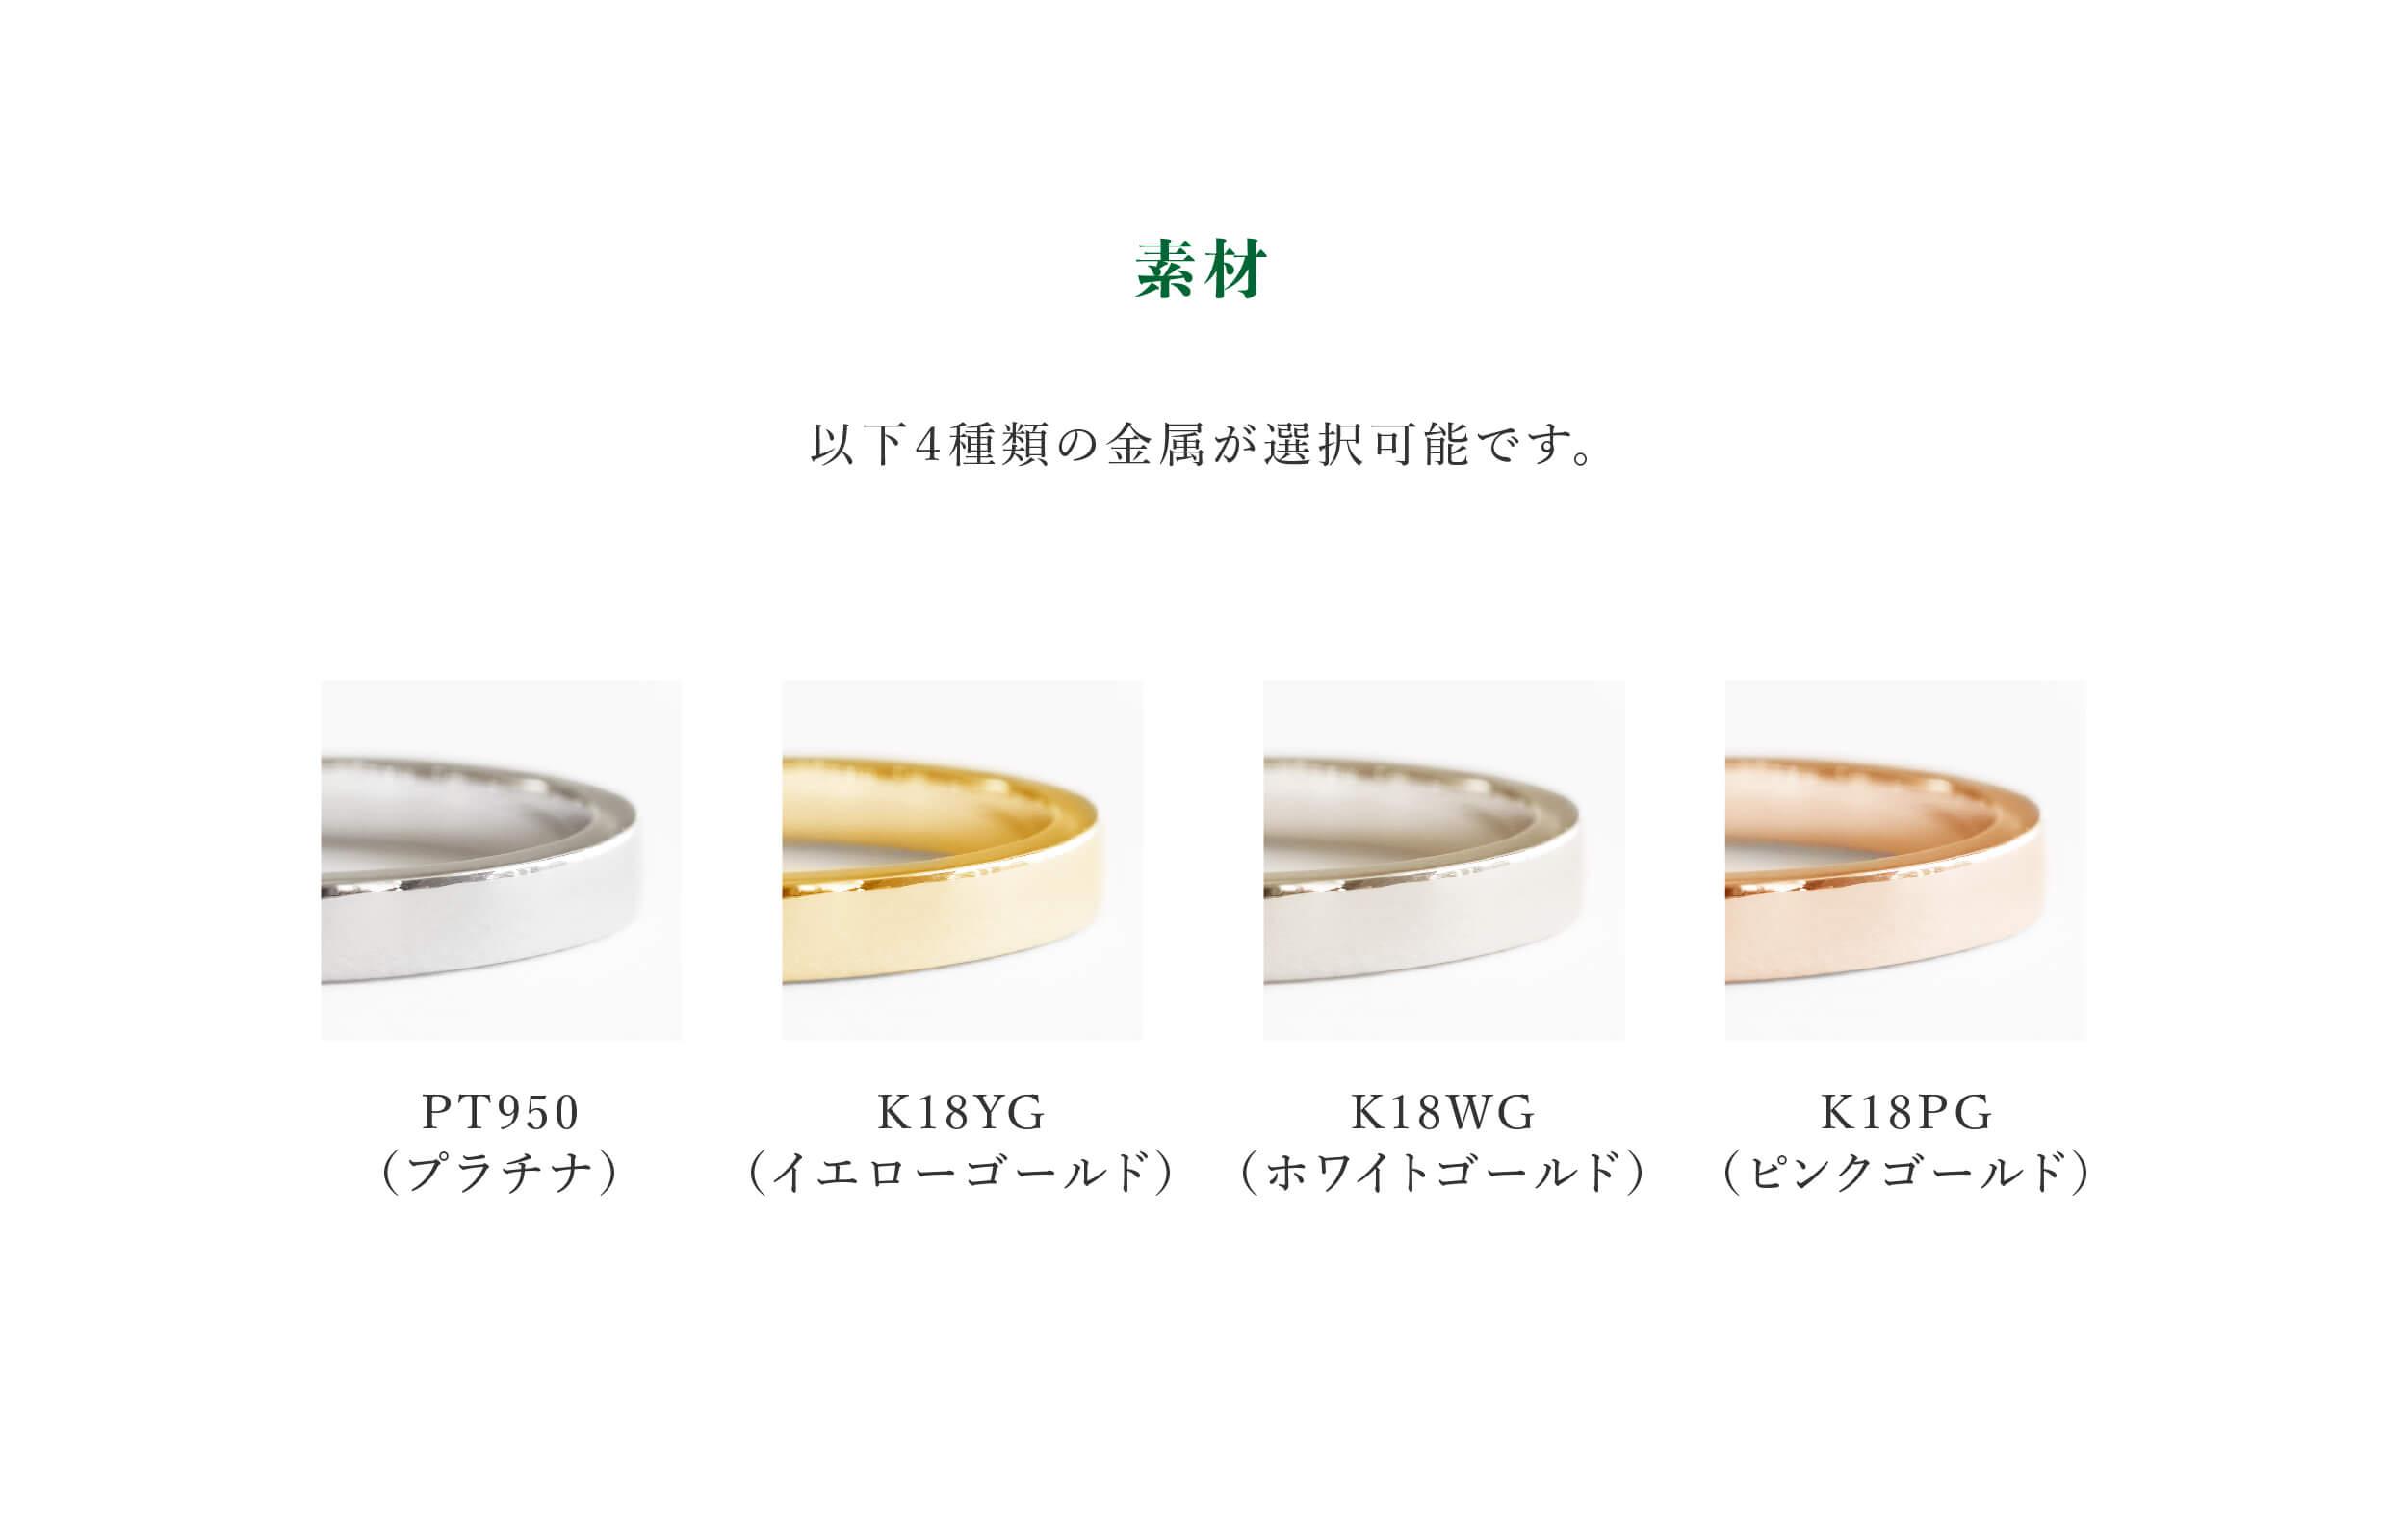 結婚指輪 金属の種類 プラチナ 金